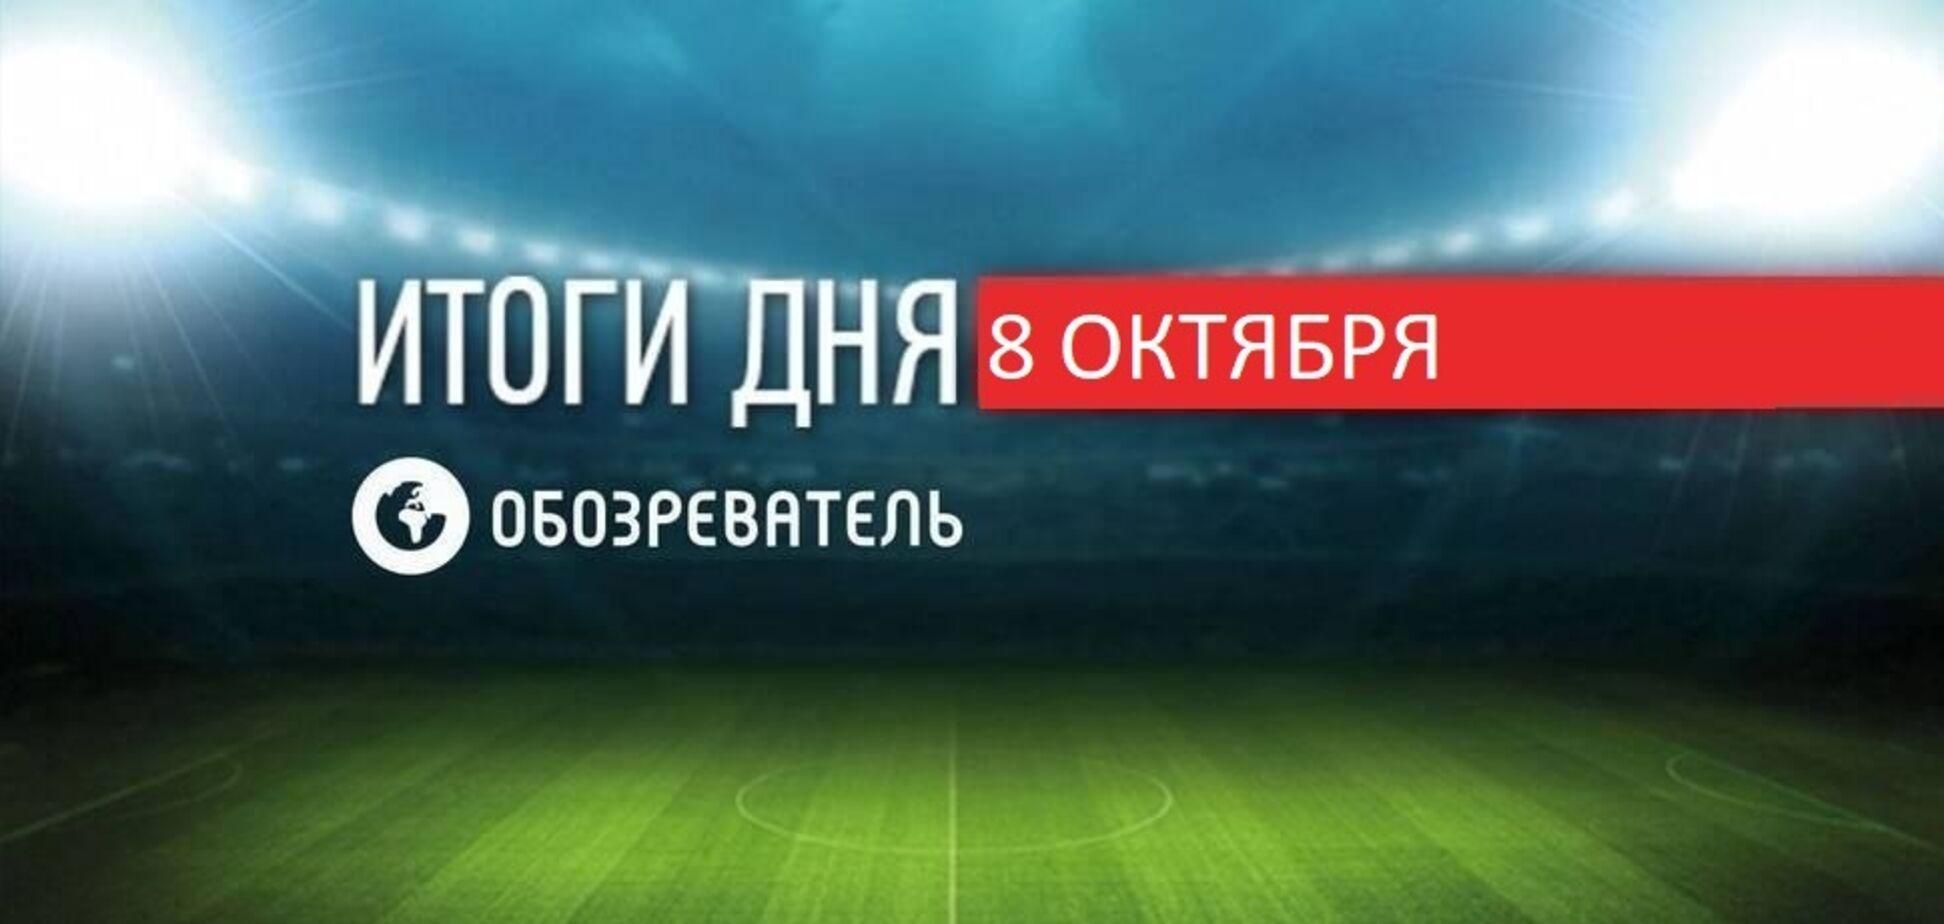 У збірній України з футболу два нові випадки COVID-19: спортивні підсумки 8 жовтня